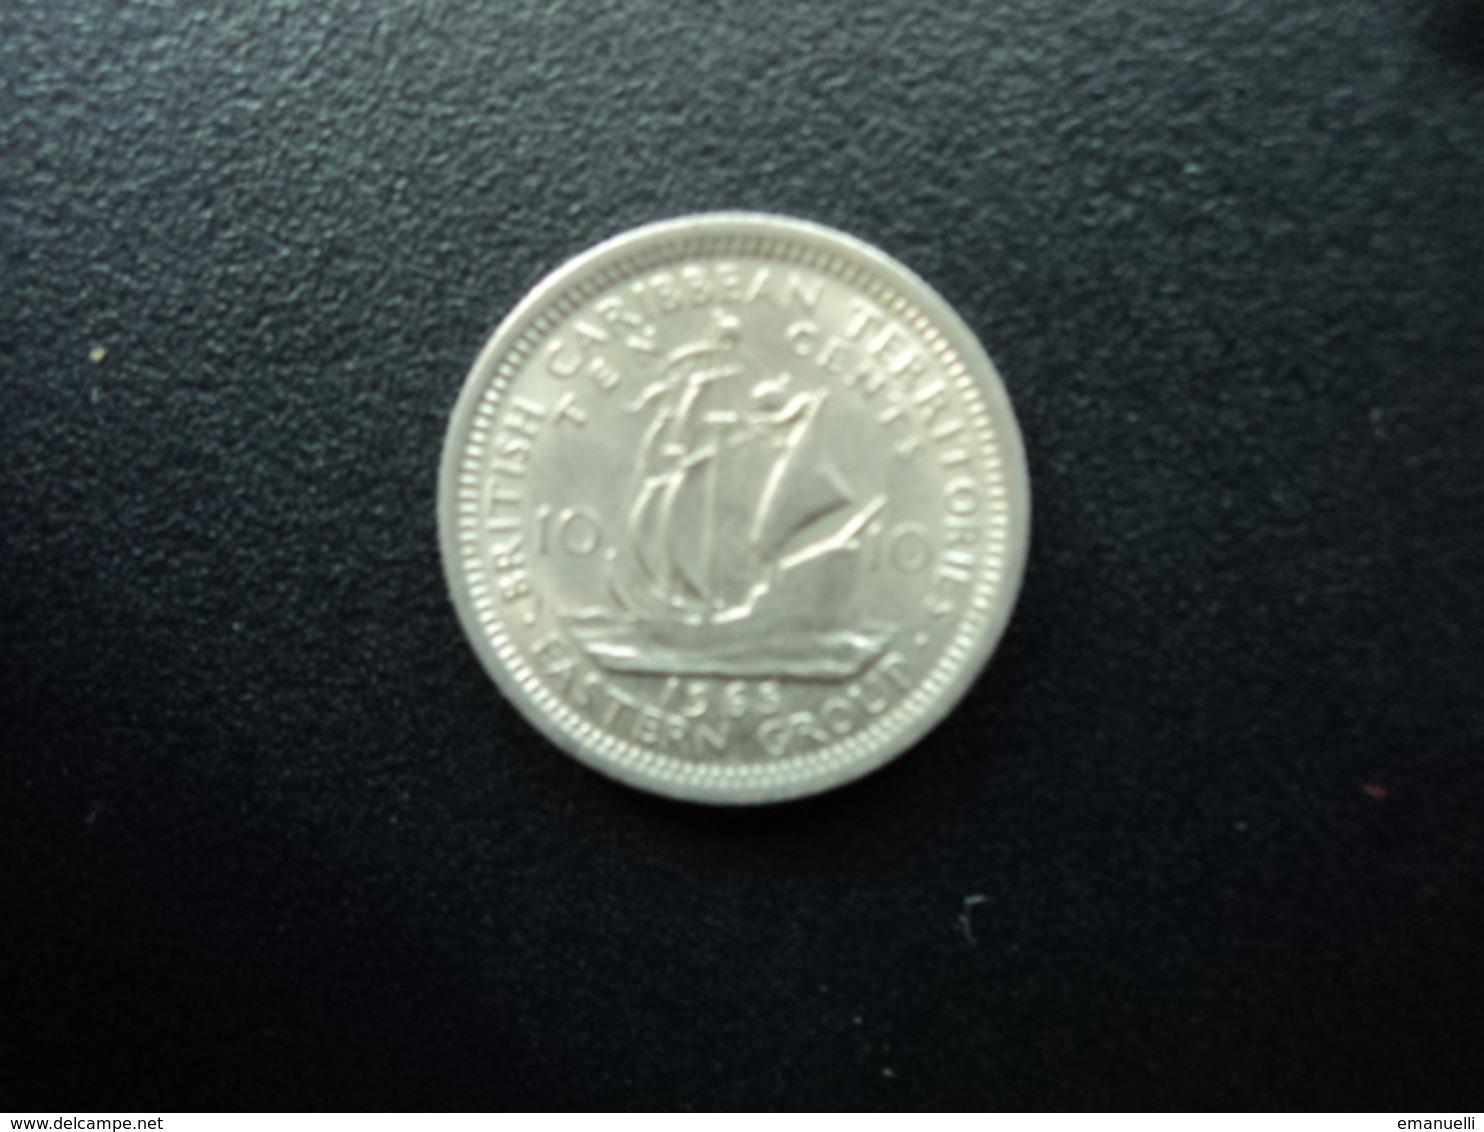 CARAÏBES ORIENTALES : 10 CENTS  1965   KM 5    SUP - Caraïbes Orientales (Etats Des)